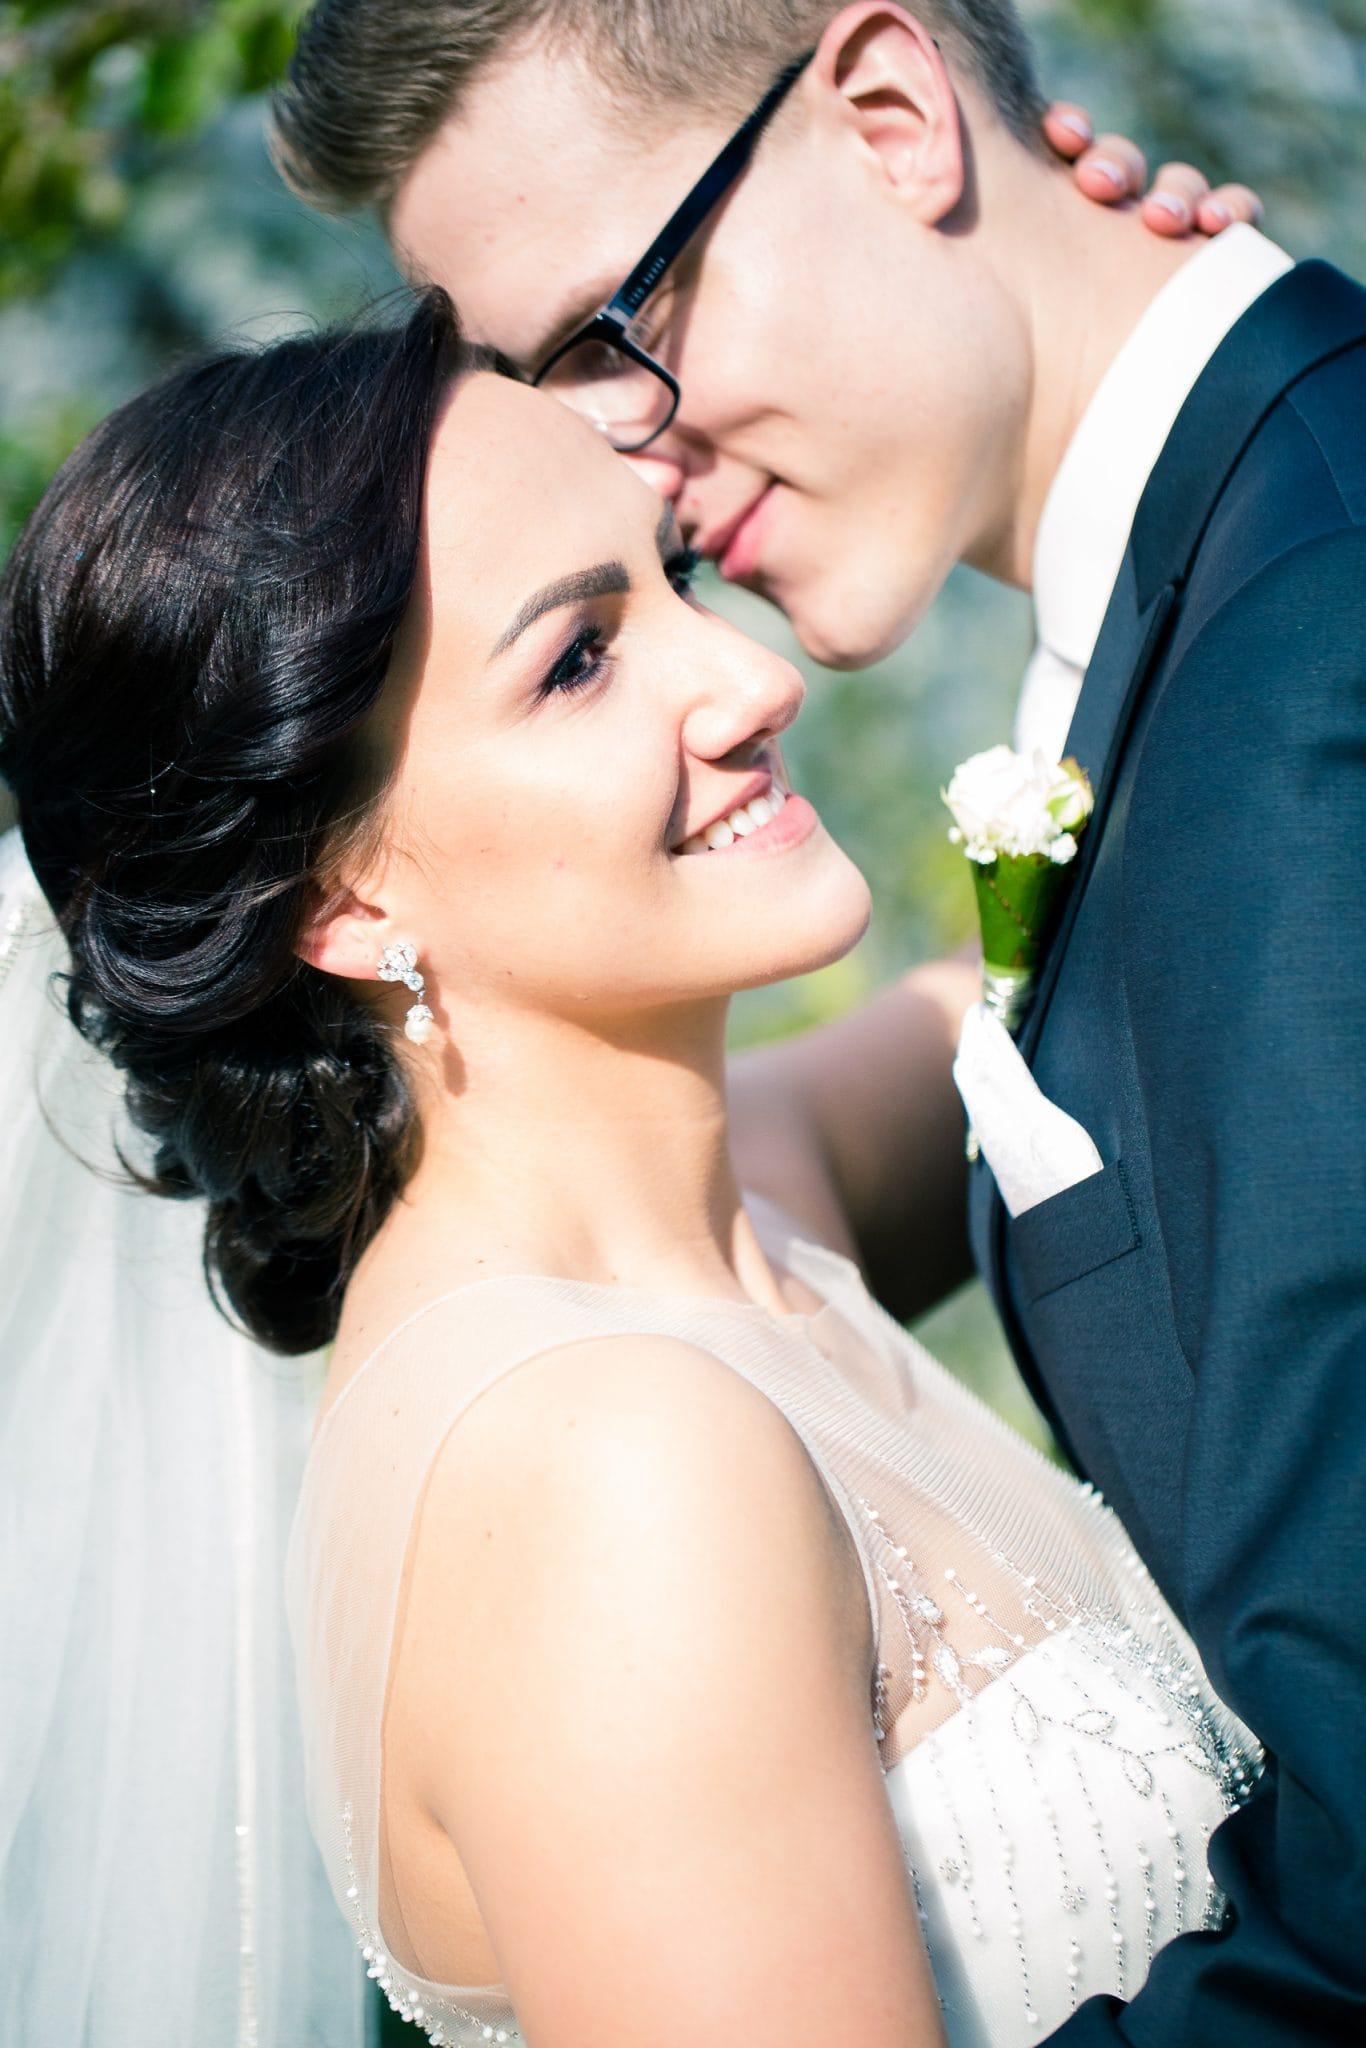 hochzeit_wedding_tirol_044_dianapeter_photography_hochzeitsfotografie_portraitfotografie__d3_3812